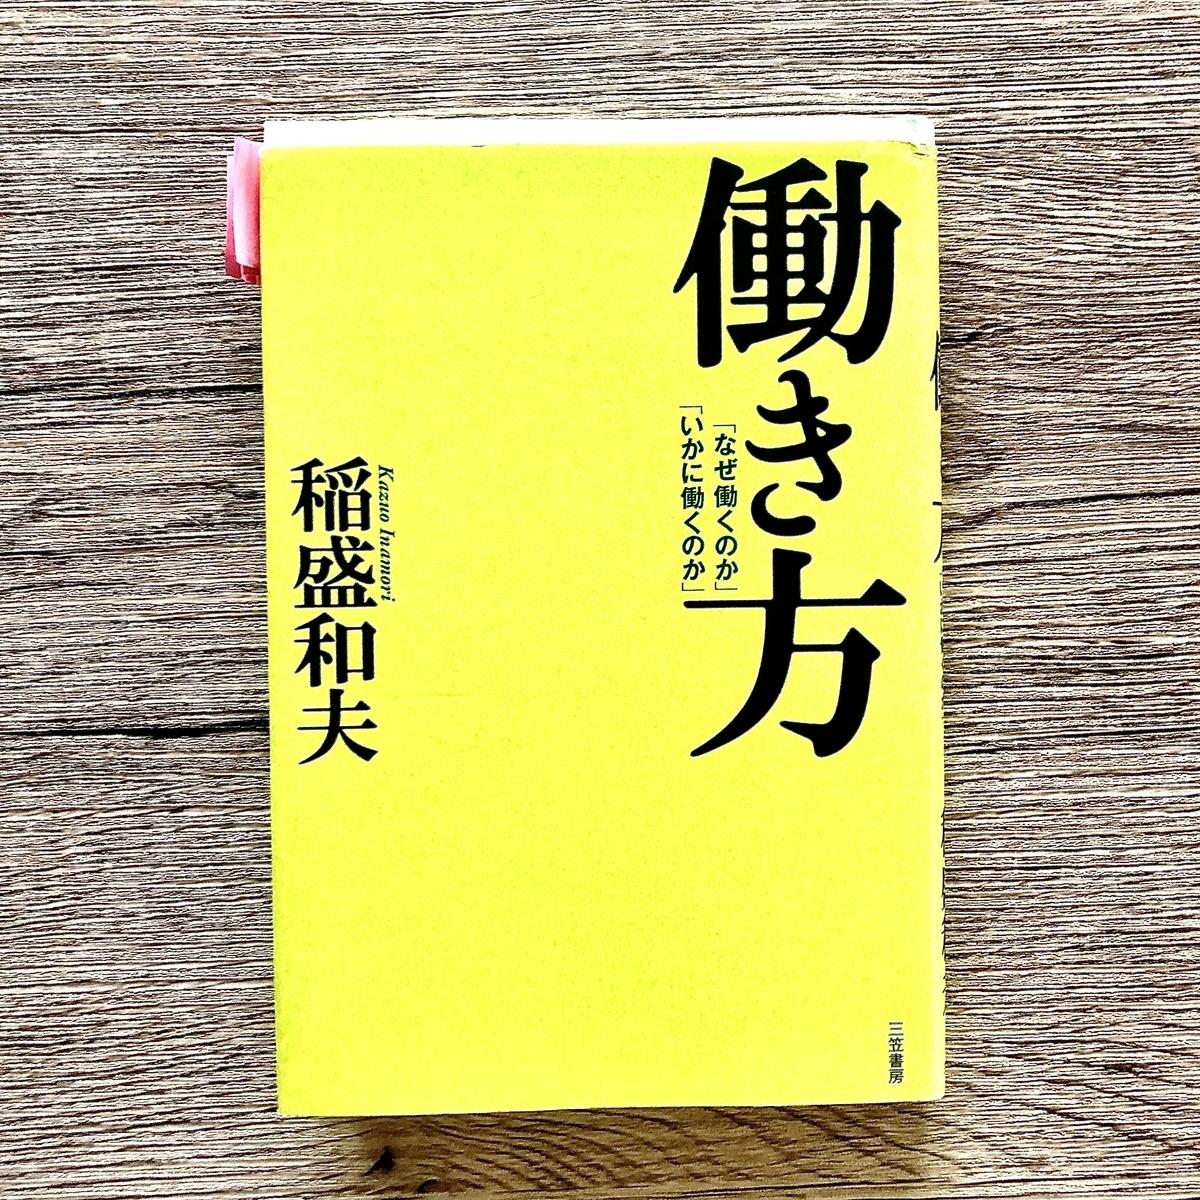 f:id:Arman_Hasegawa:20210702122746j:plain